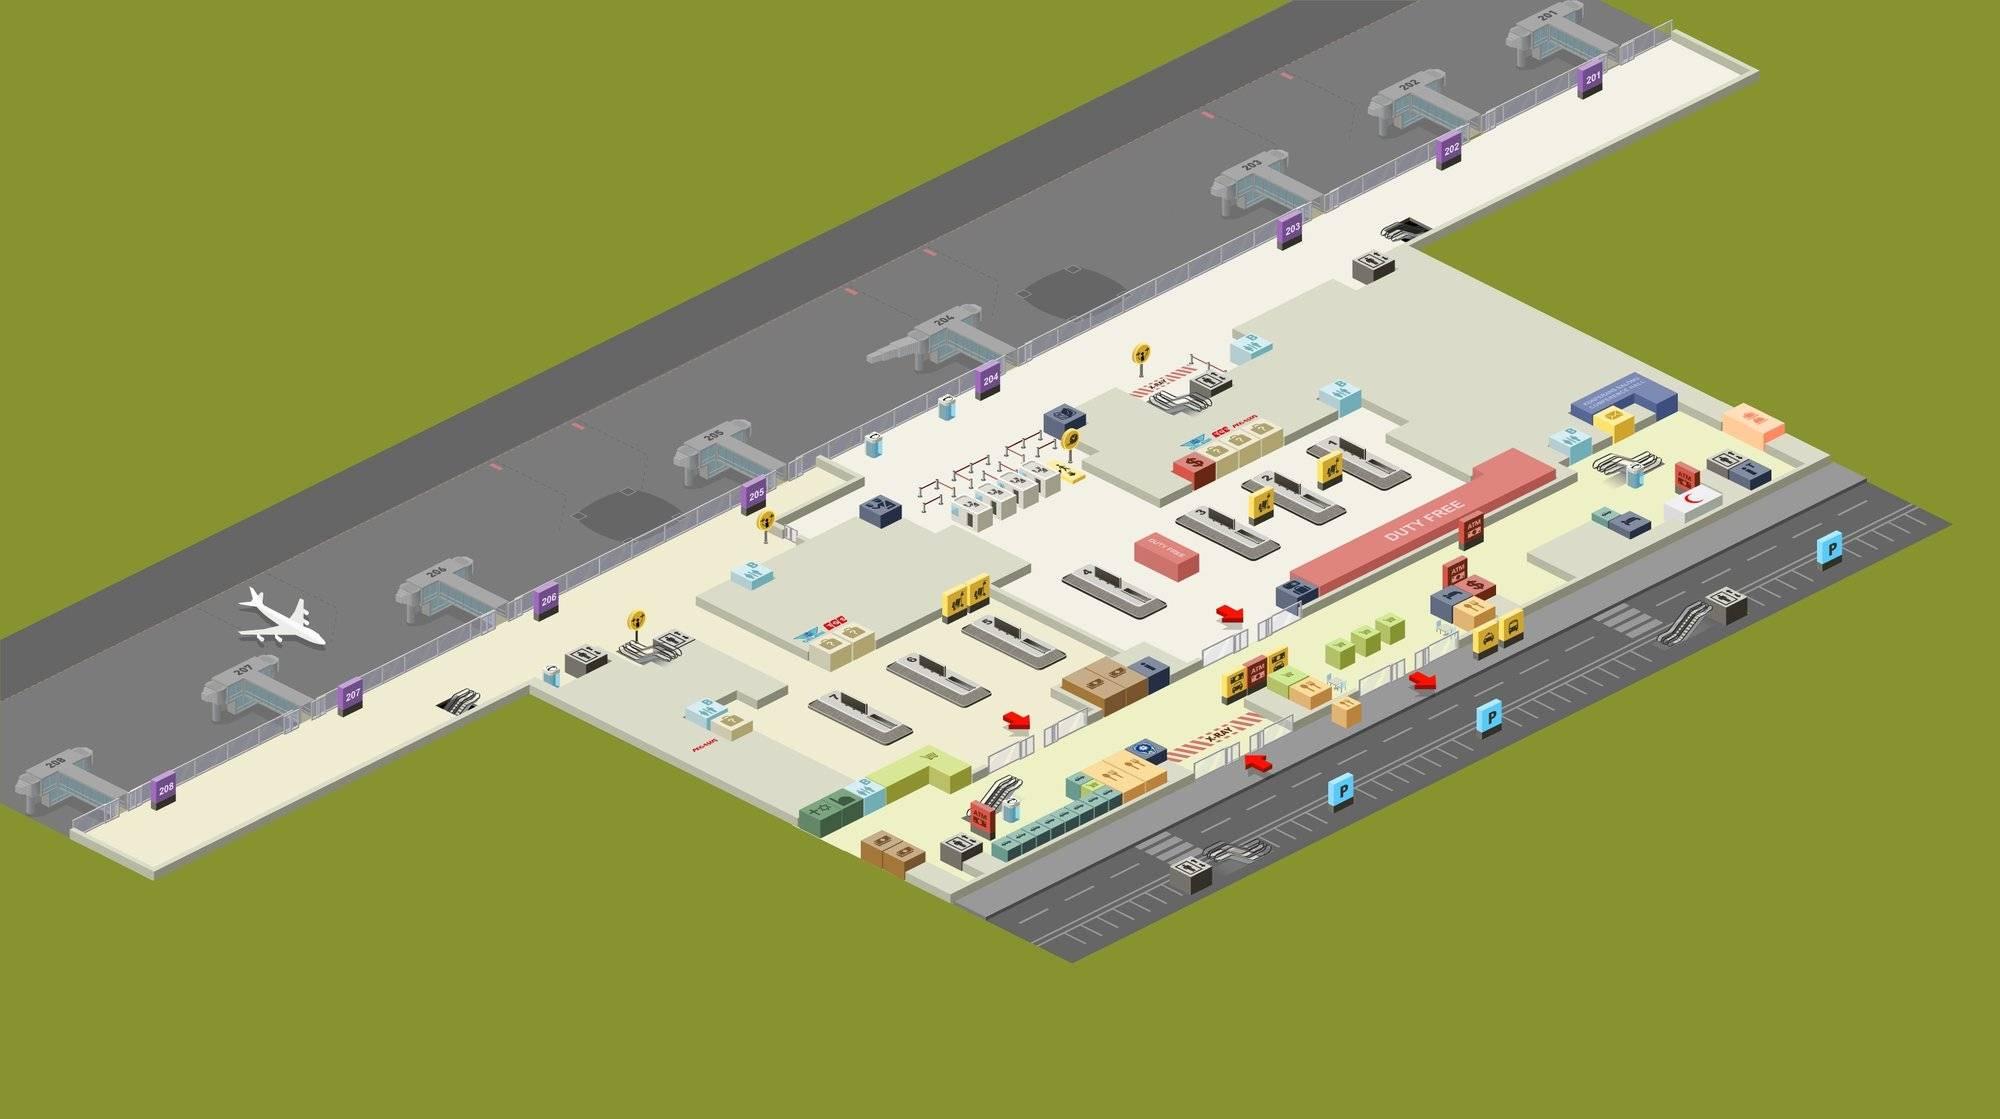 Как добраться до аэропорта ататюрк из сабихи гекчен и обратно - цены, способы - 2021 - страница 2